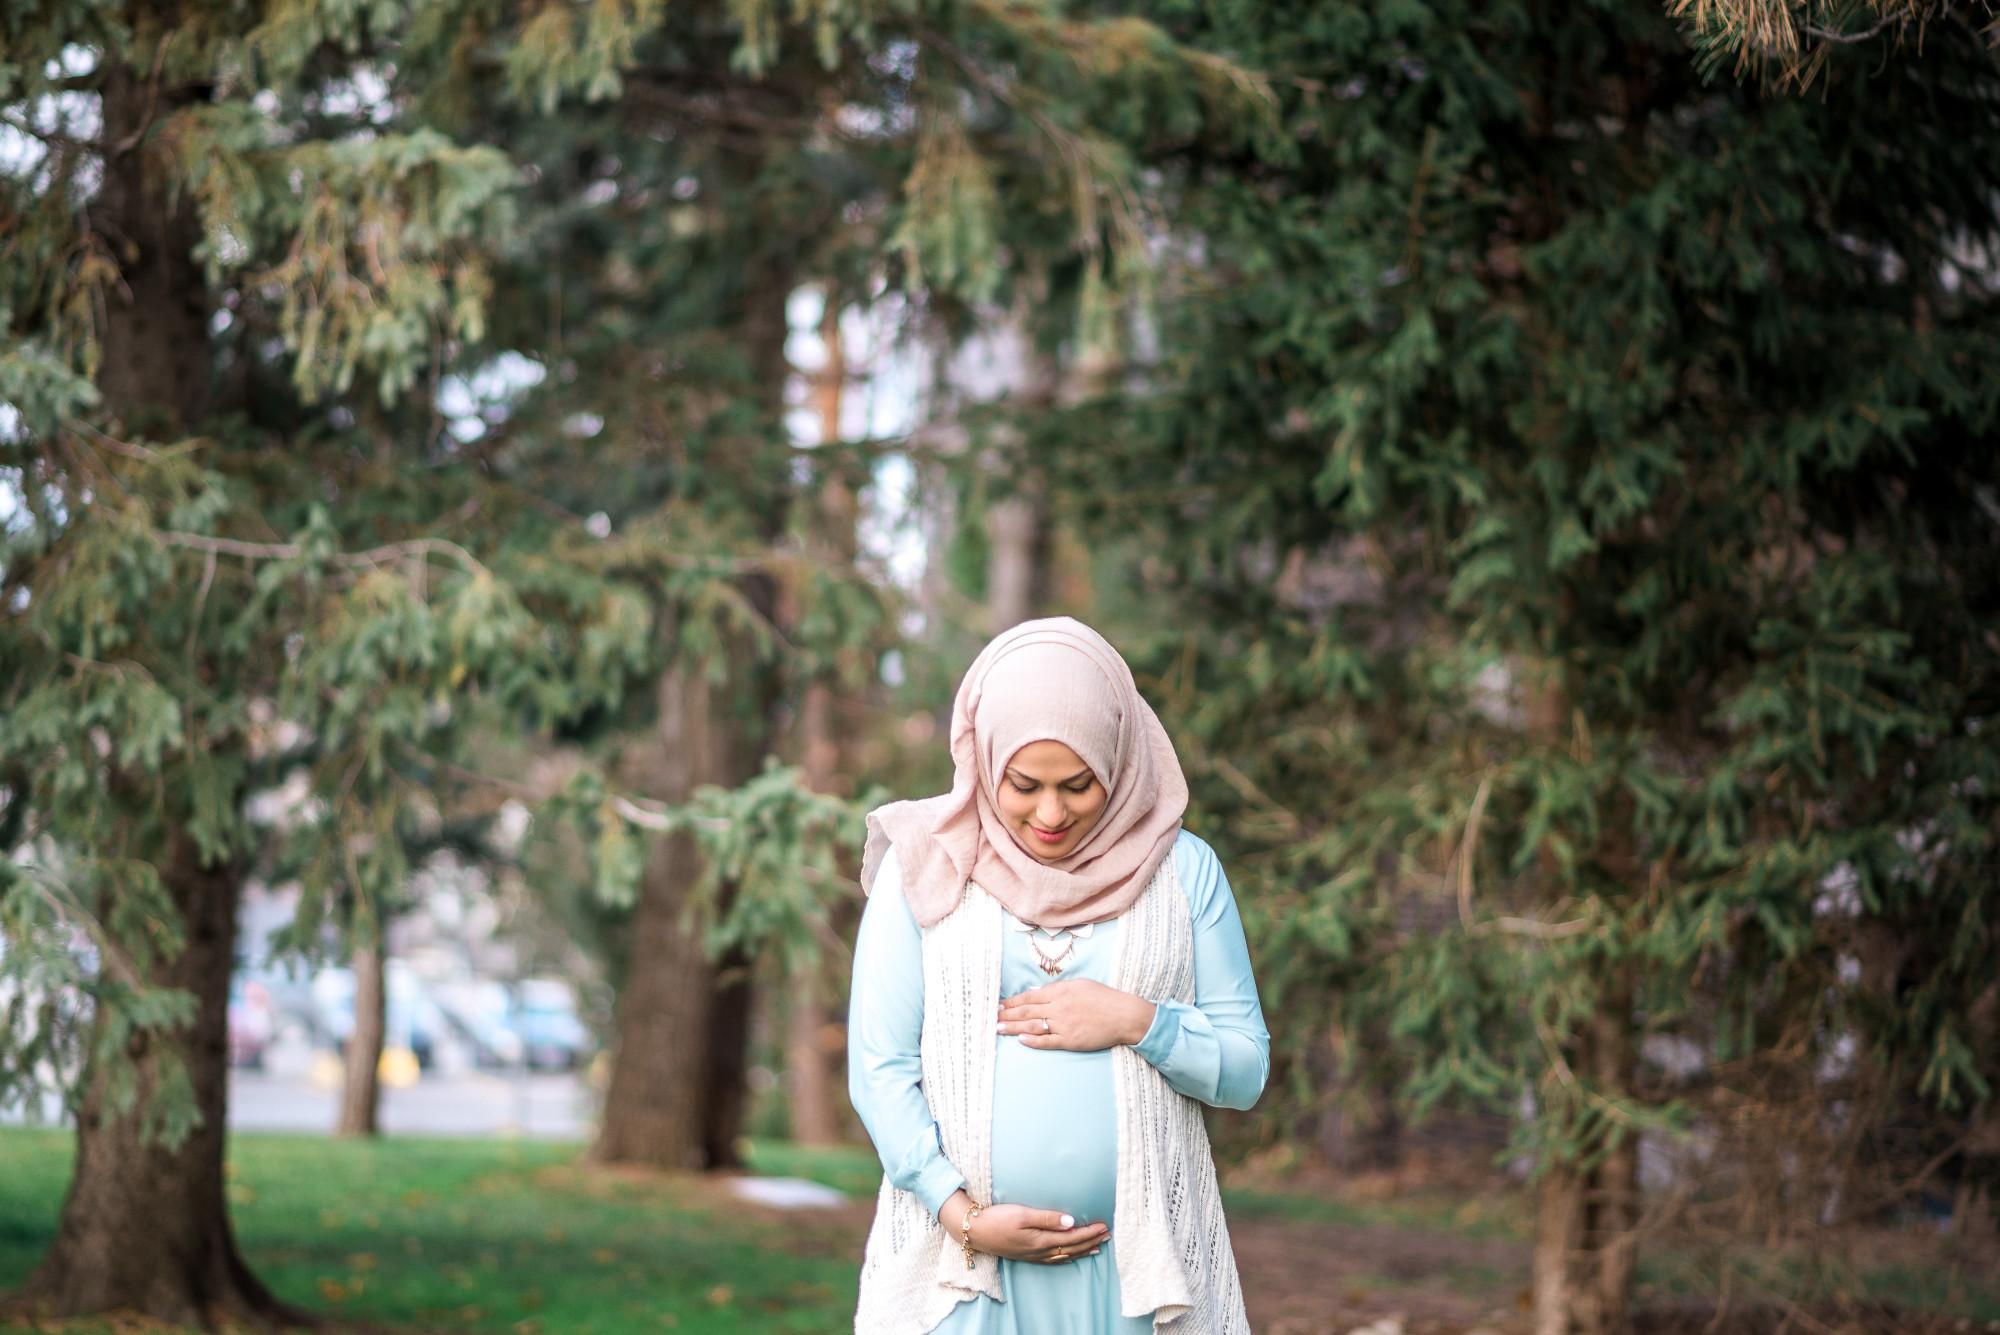 007_MaternityPhoto_Hintonburg_OttawaBabyShower_Boho_PhotosbyEmmah.jpg